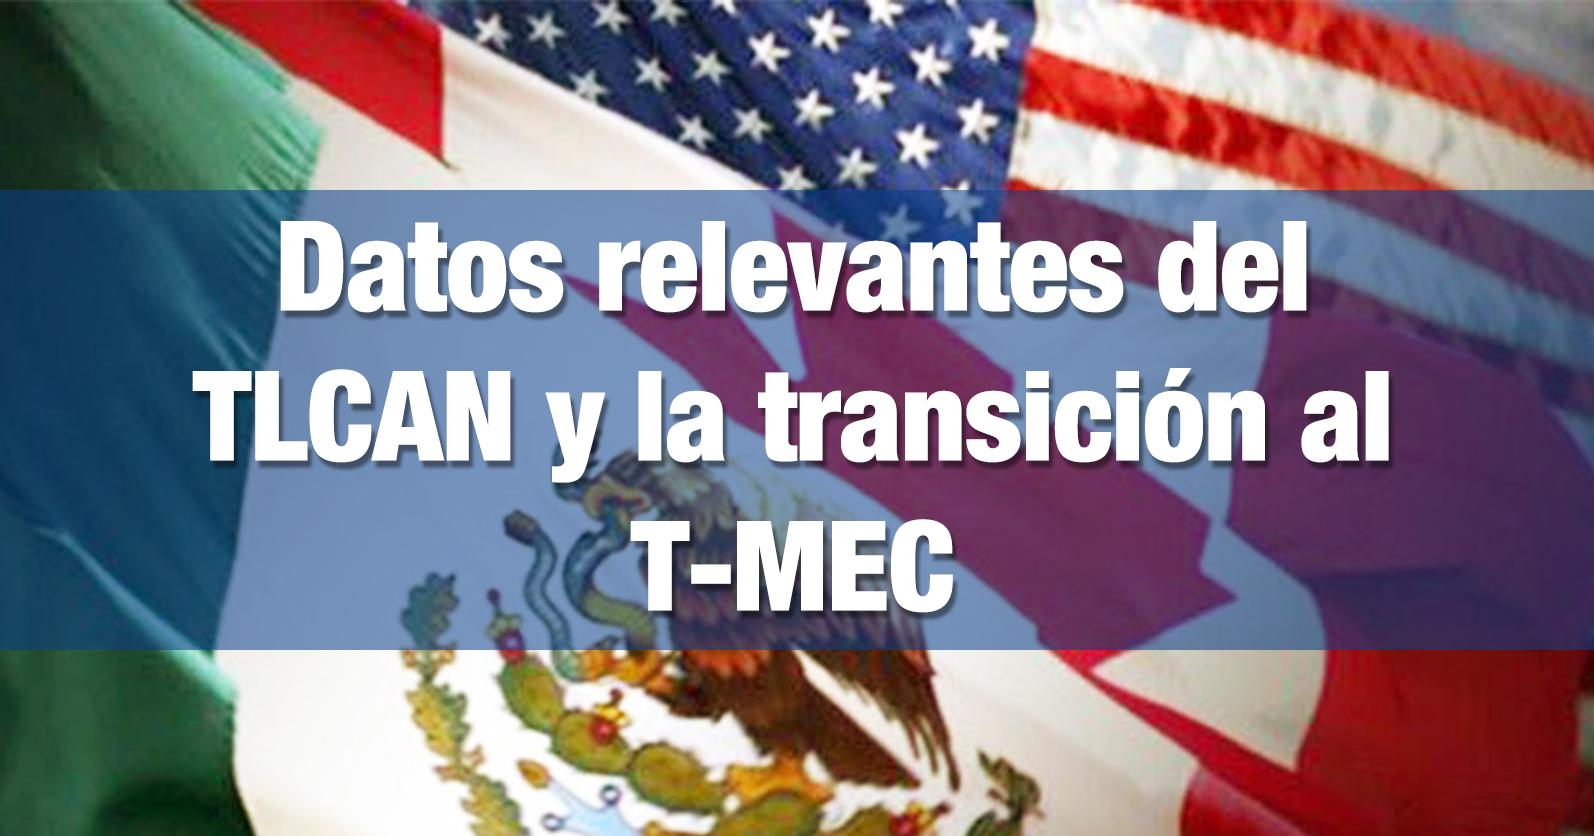 Datos relevantes del TLCAN y la transición al T-MEC